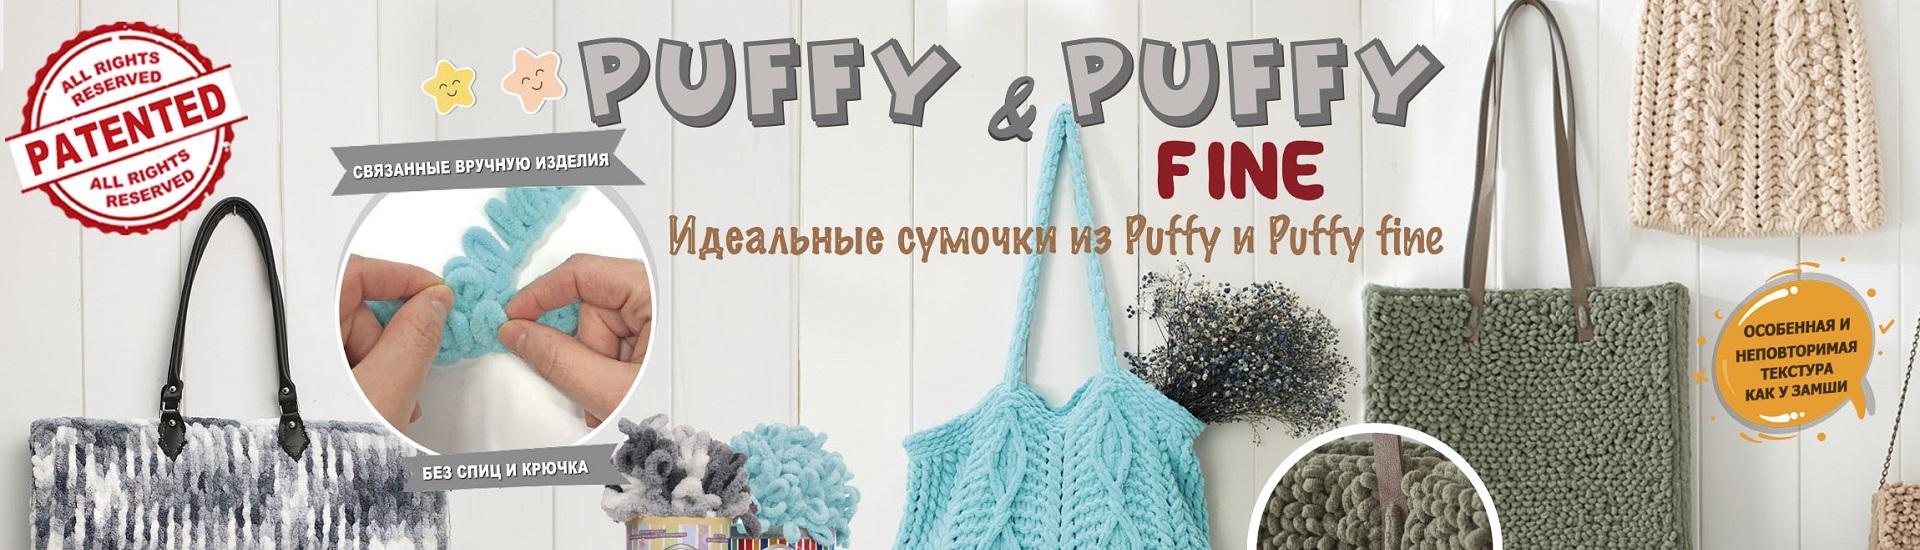 Puffy FINE